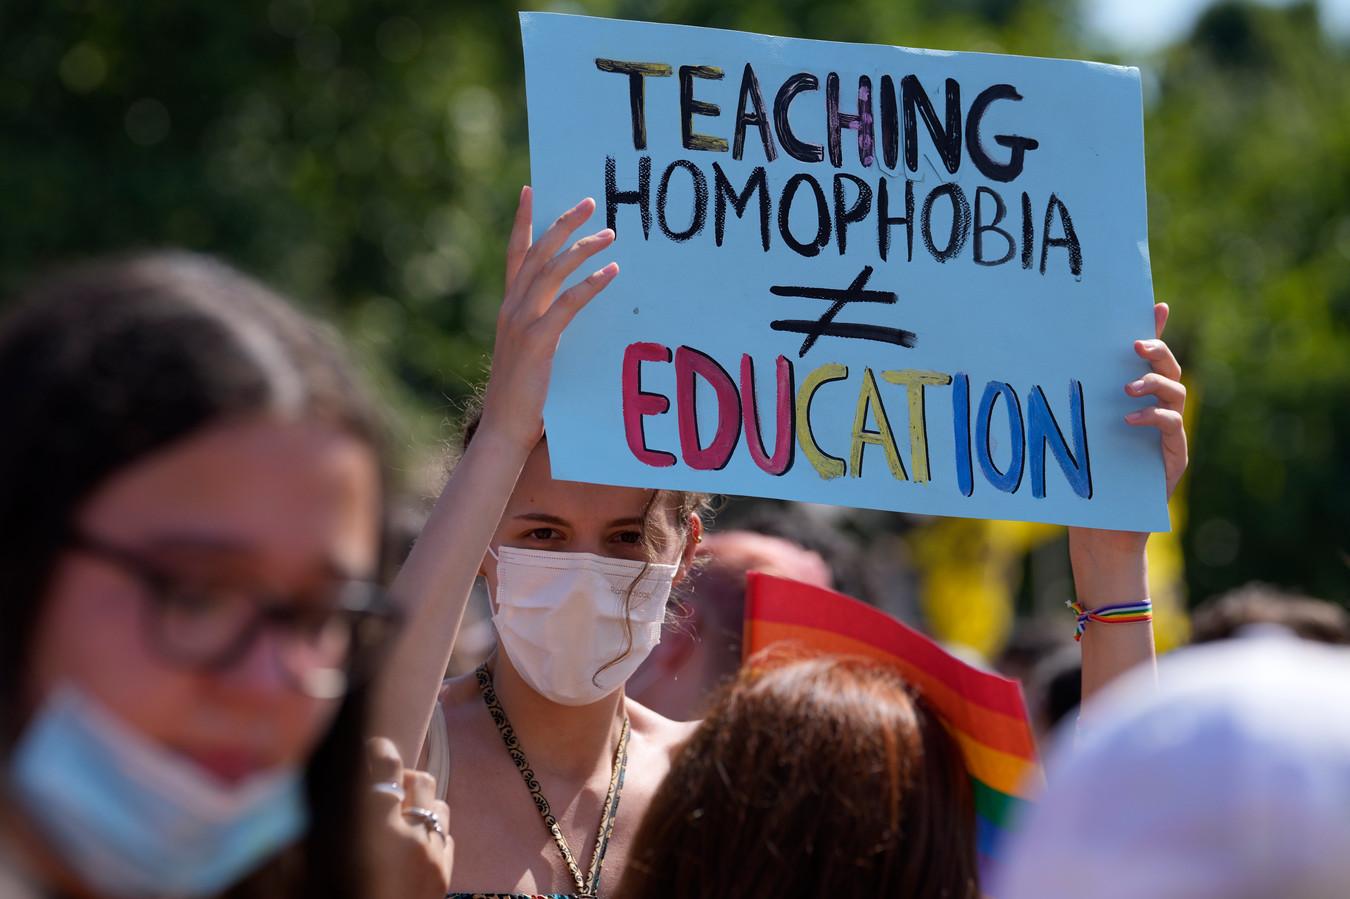 Demonstranten in Milaan (Homofobie leren is niet gelijk aan opvoeding).